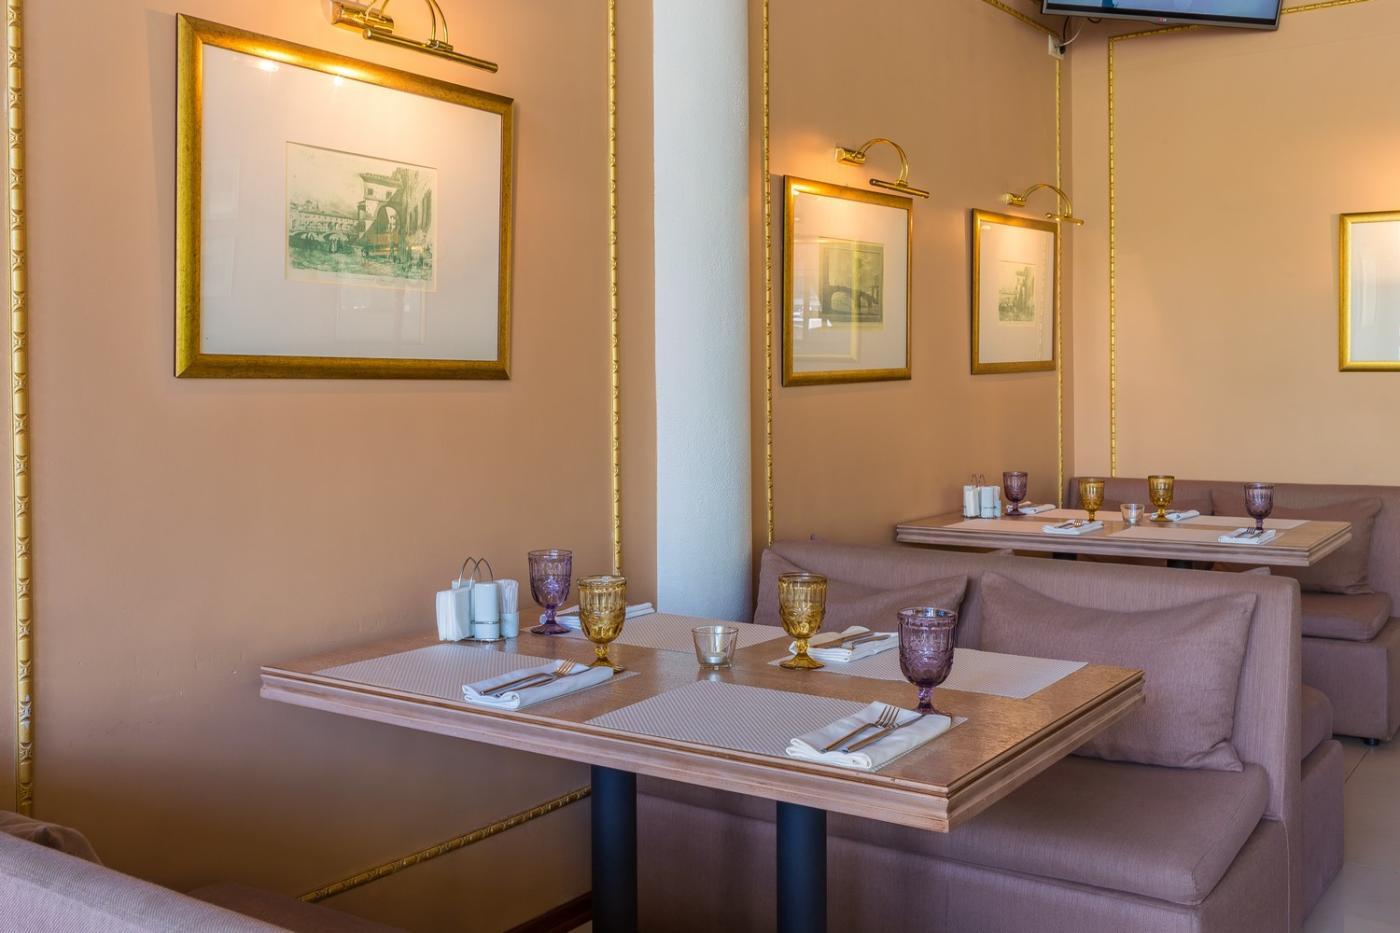 Итальянское Кафе Де Марко в Солнцево фото 21